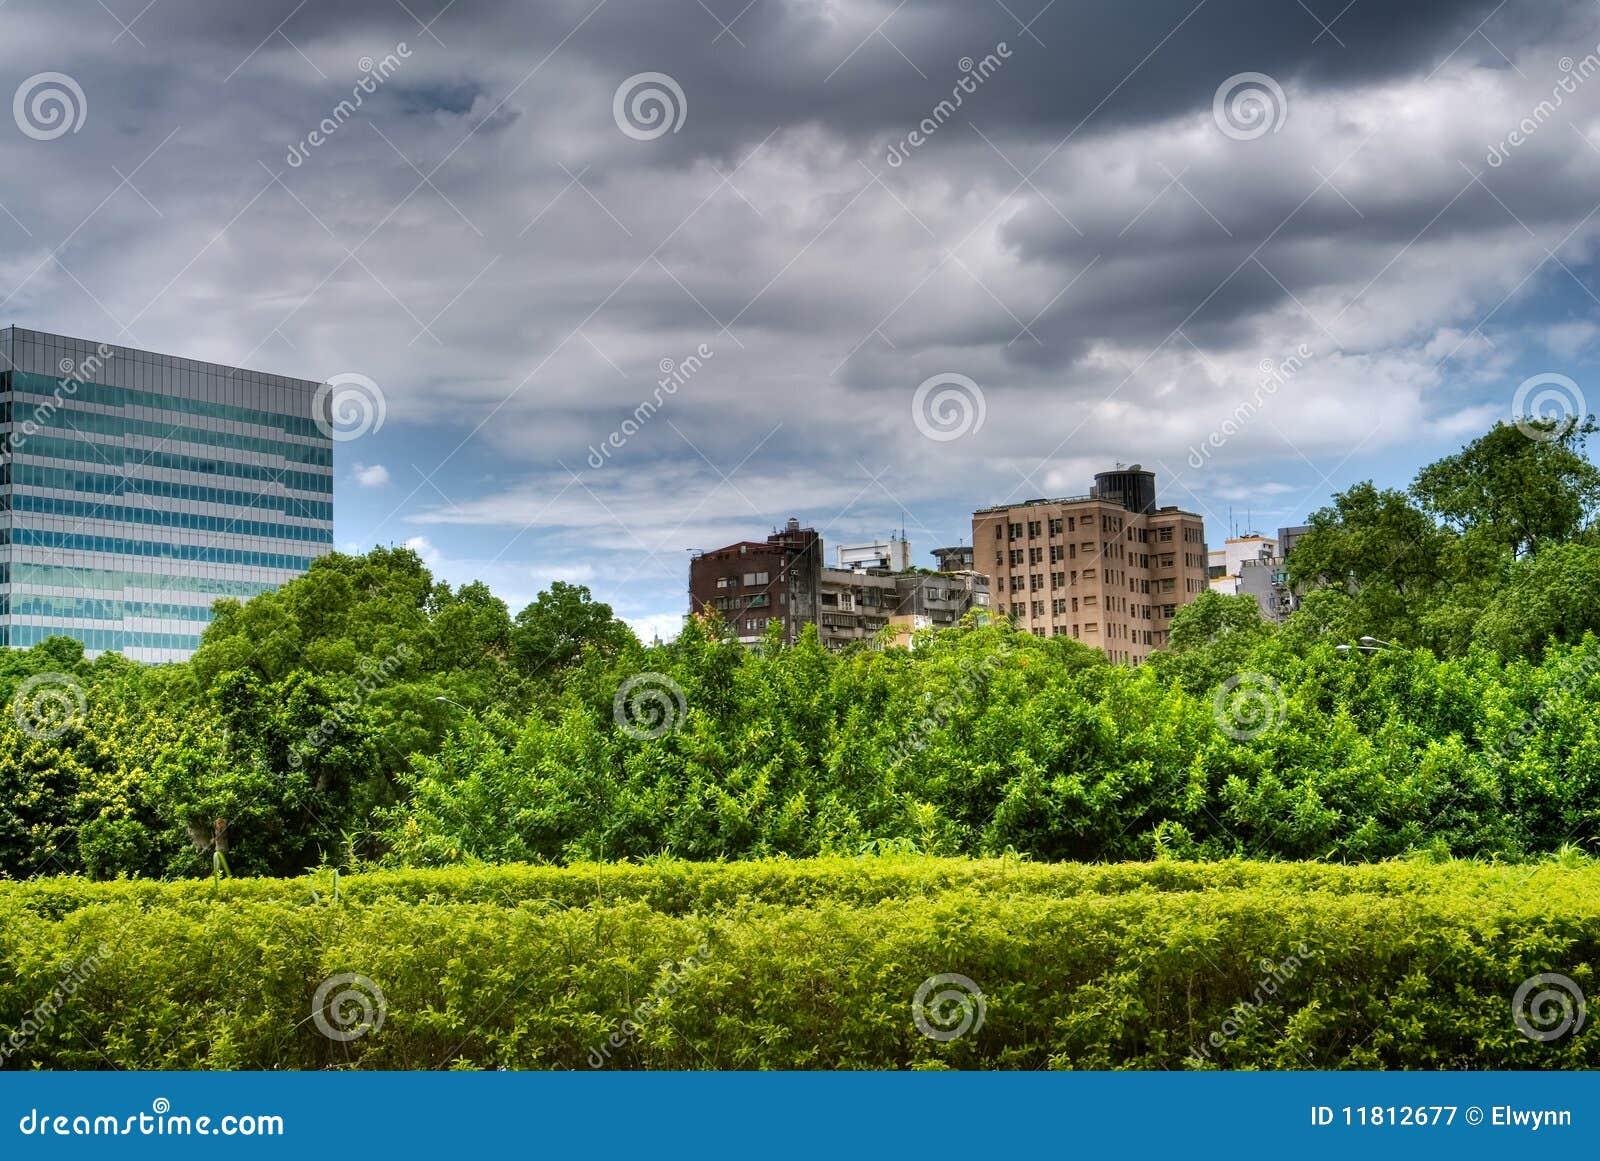 beau paysage urbain avec le vert photographie stock libre de droits image 11812677. Black Bedroom Furniture Sets. Home Design Ideas